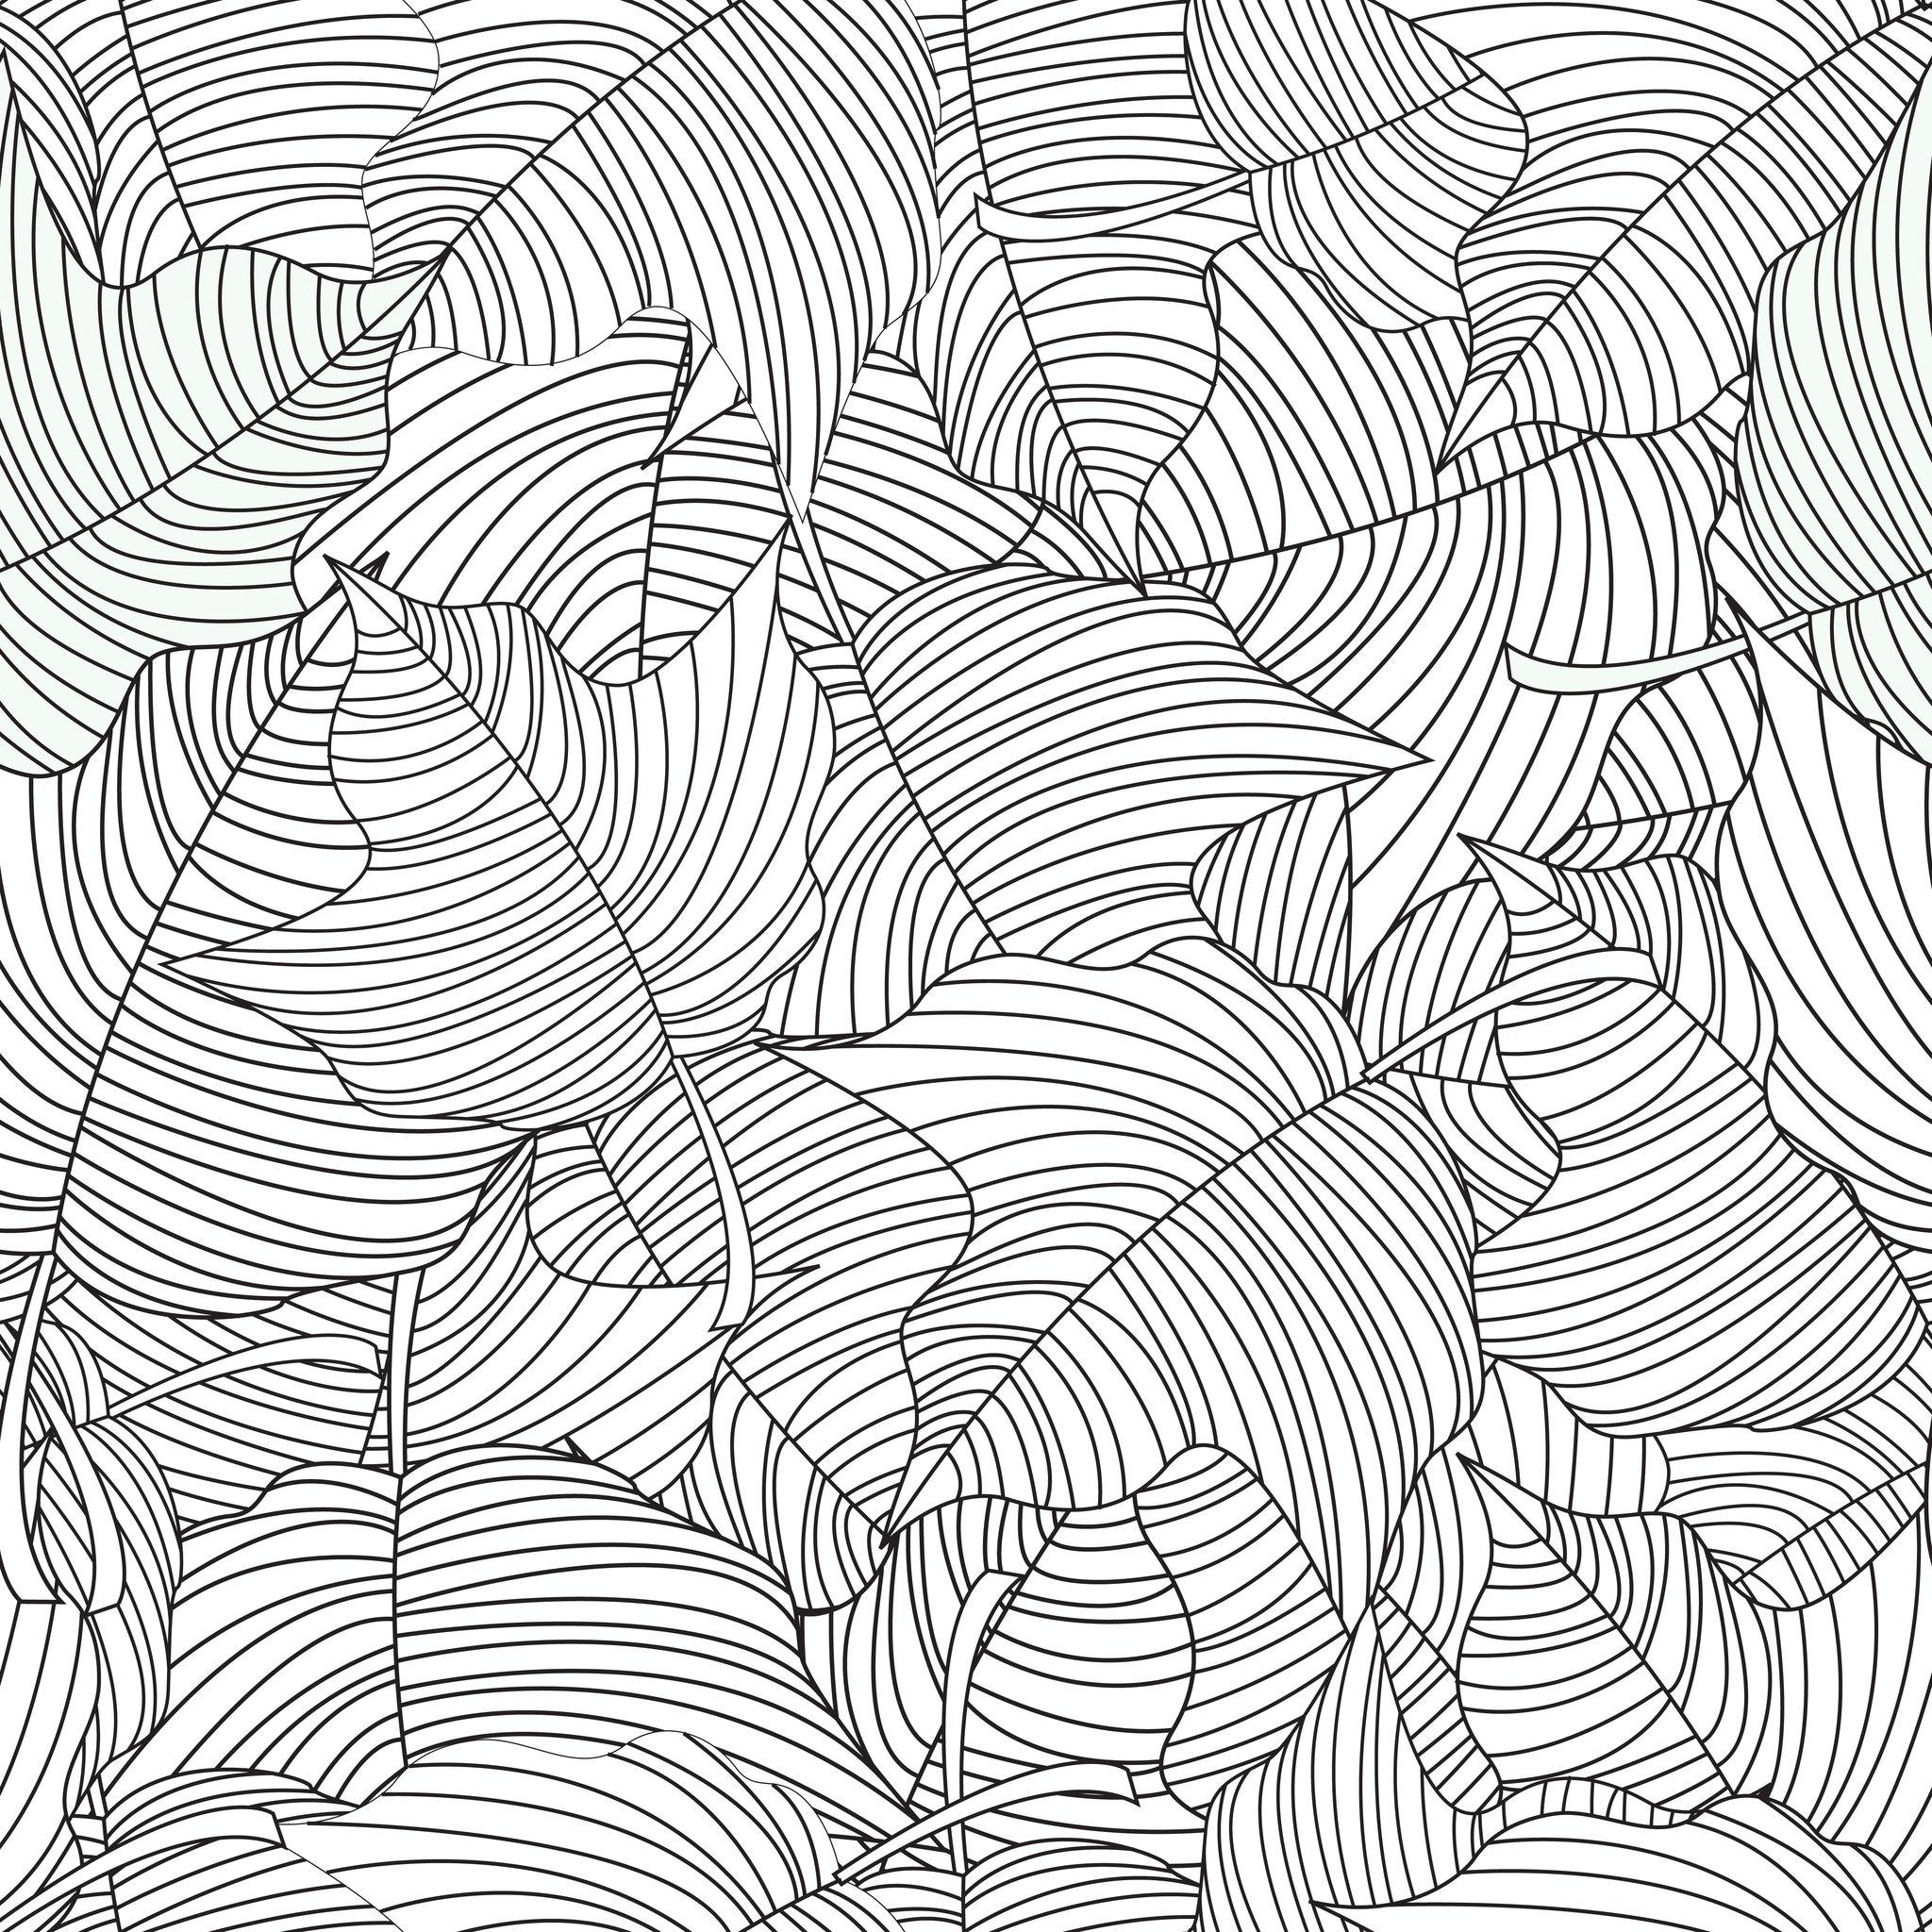 114 dessins de coloriage adulte imprimer sur laguerche - Image coloriage ...